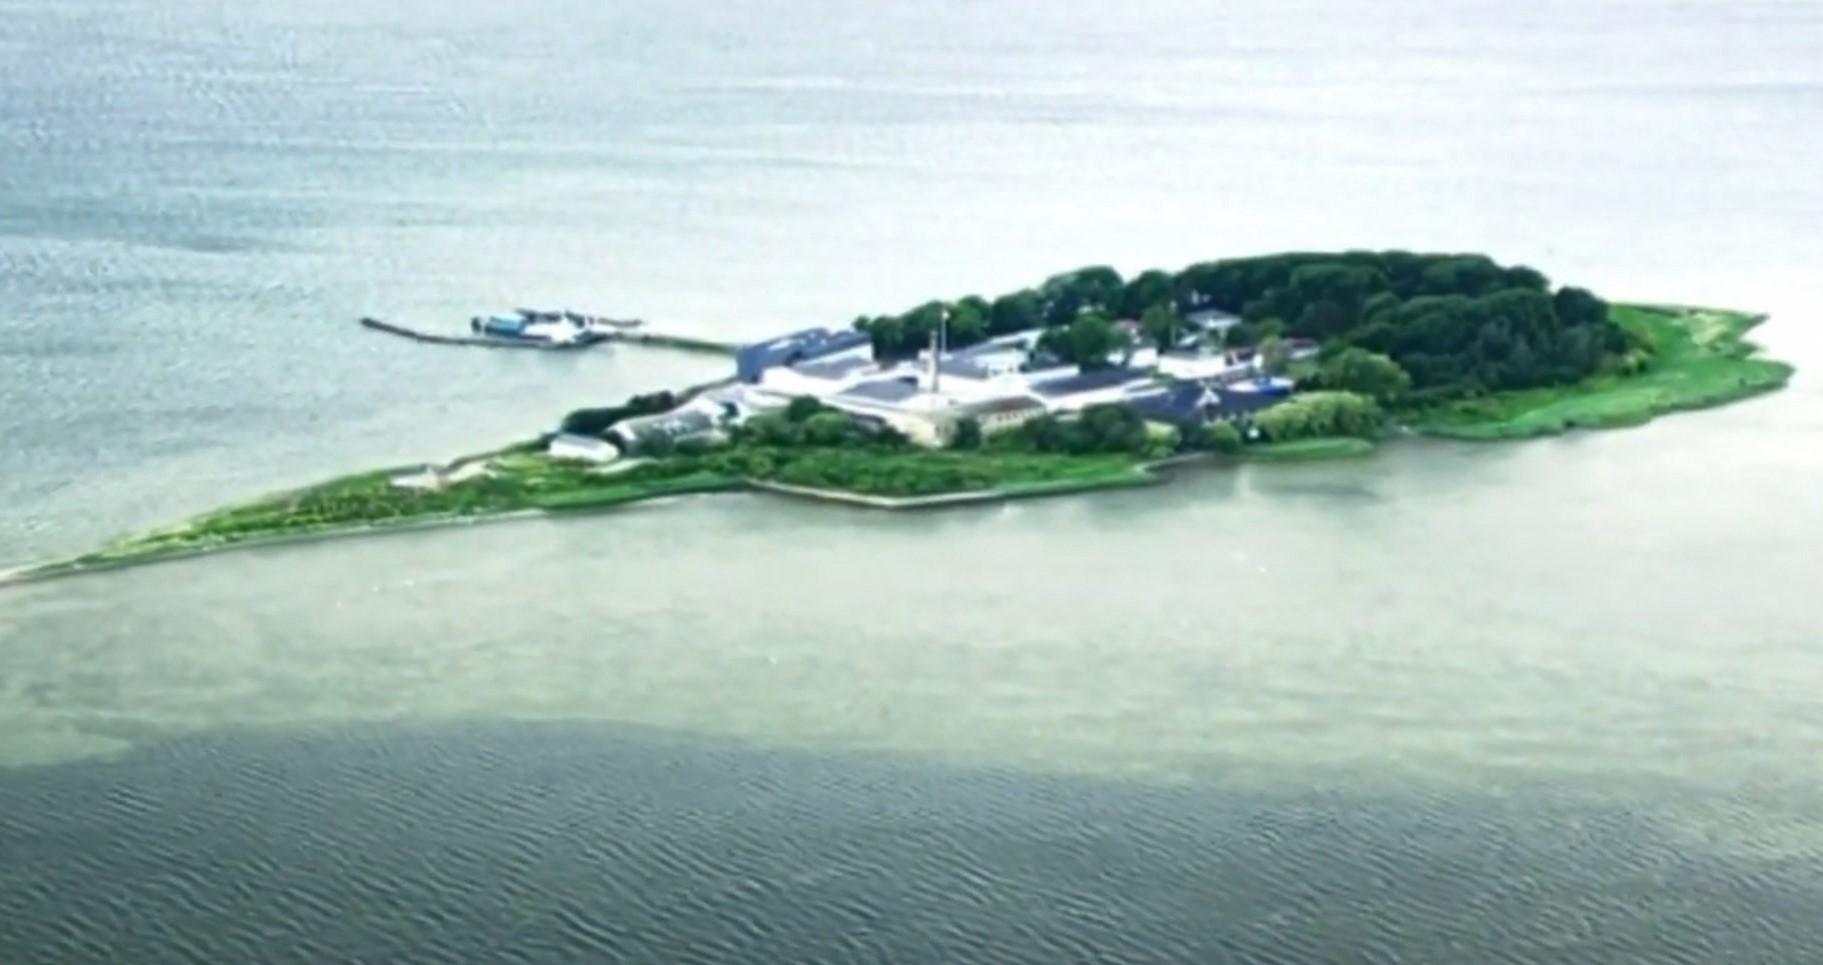 Vendimi i qeverisë në Danimarkë: Emigrantët dhe kriminelët në një ishull